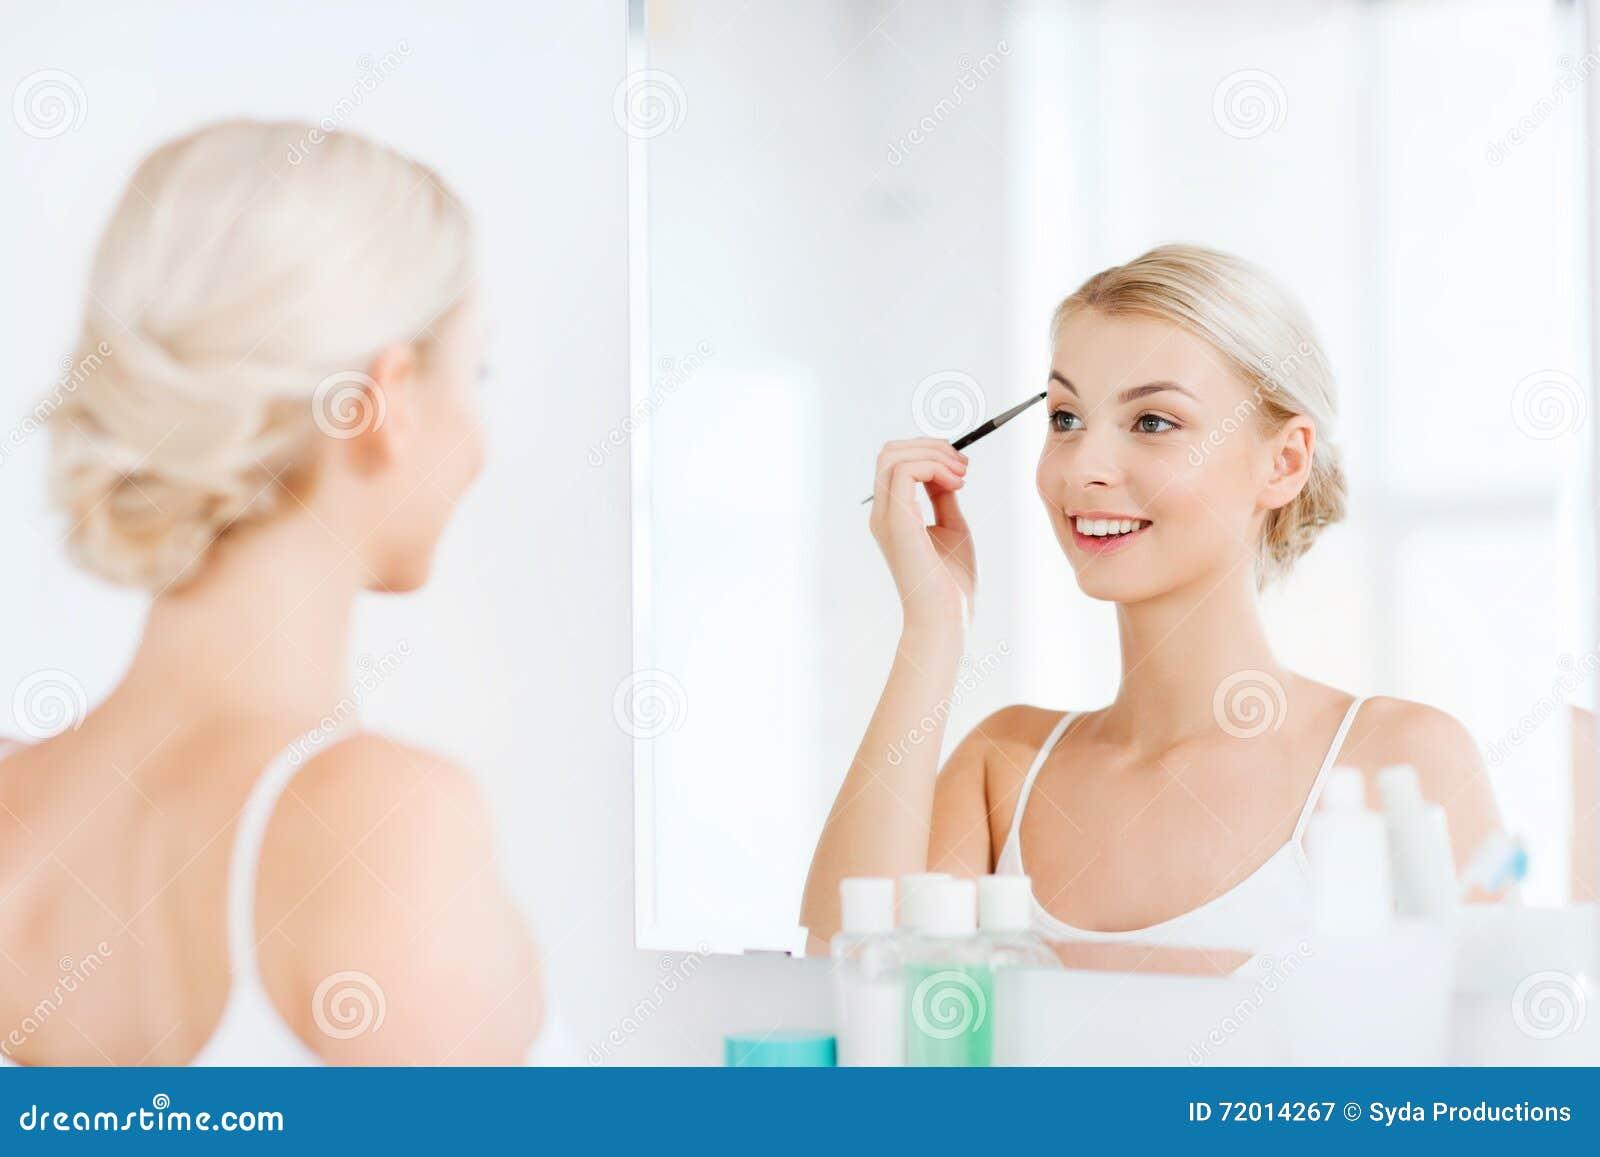 Девушка дома утром в ванной комнате, толкай пизде русское